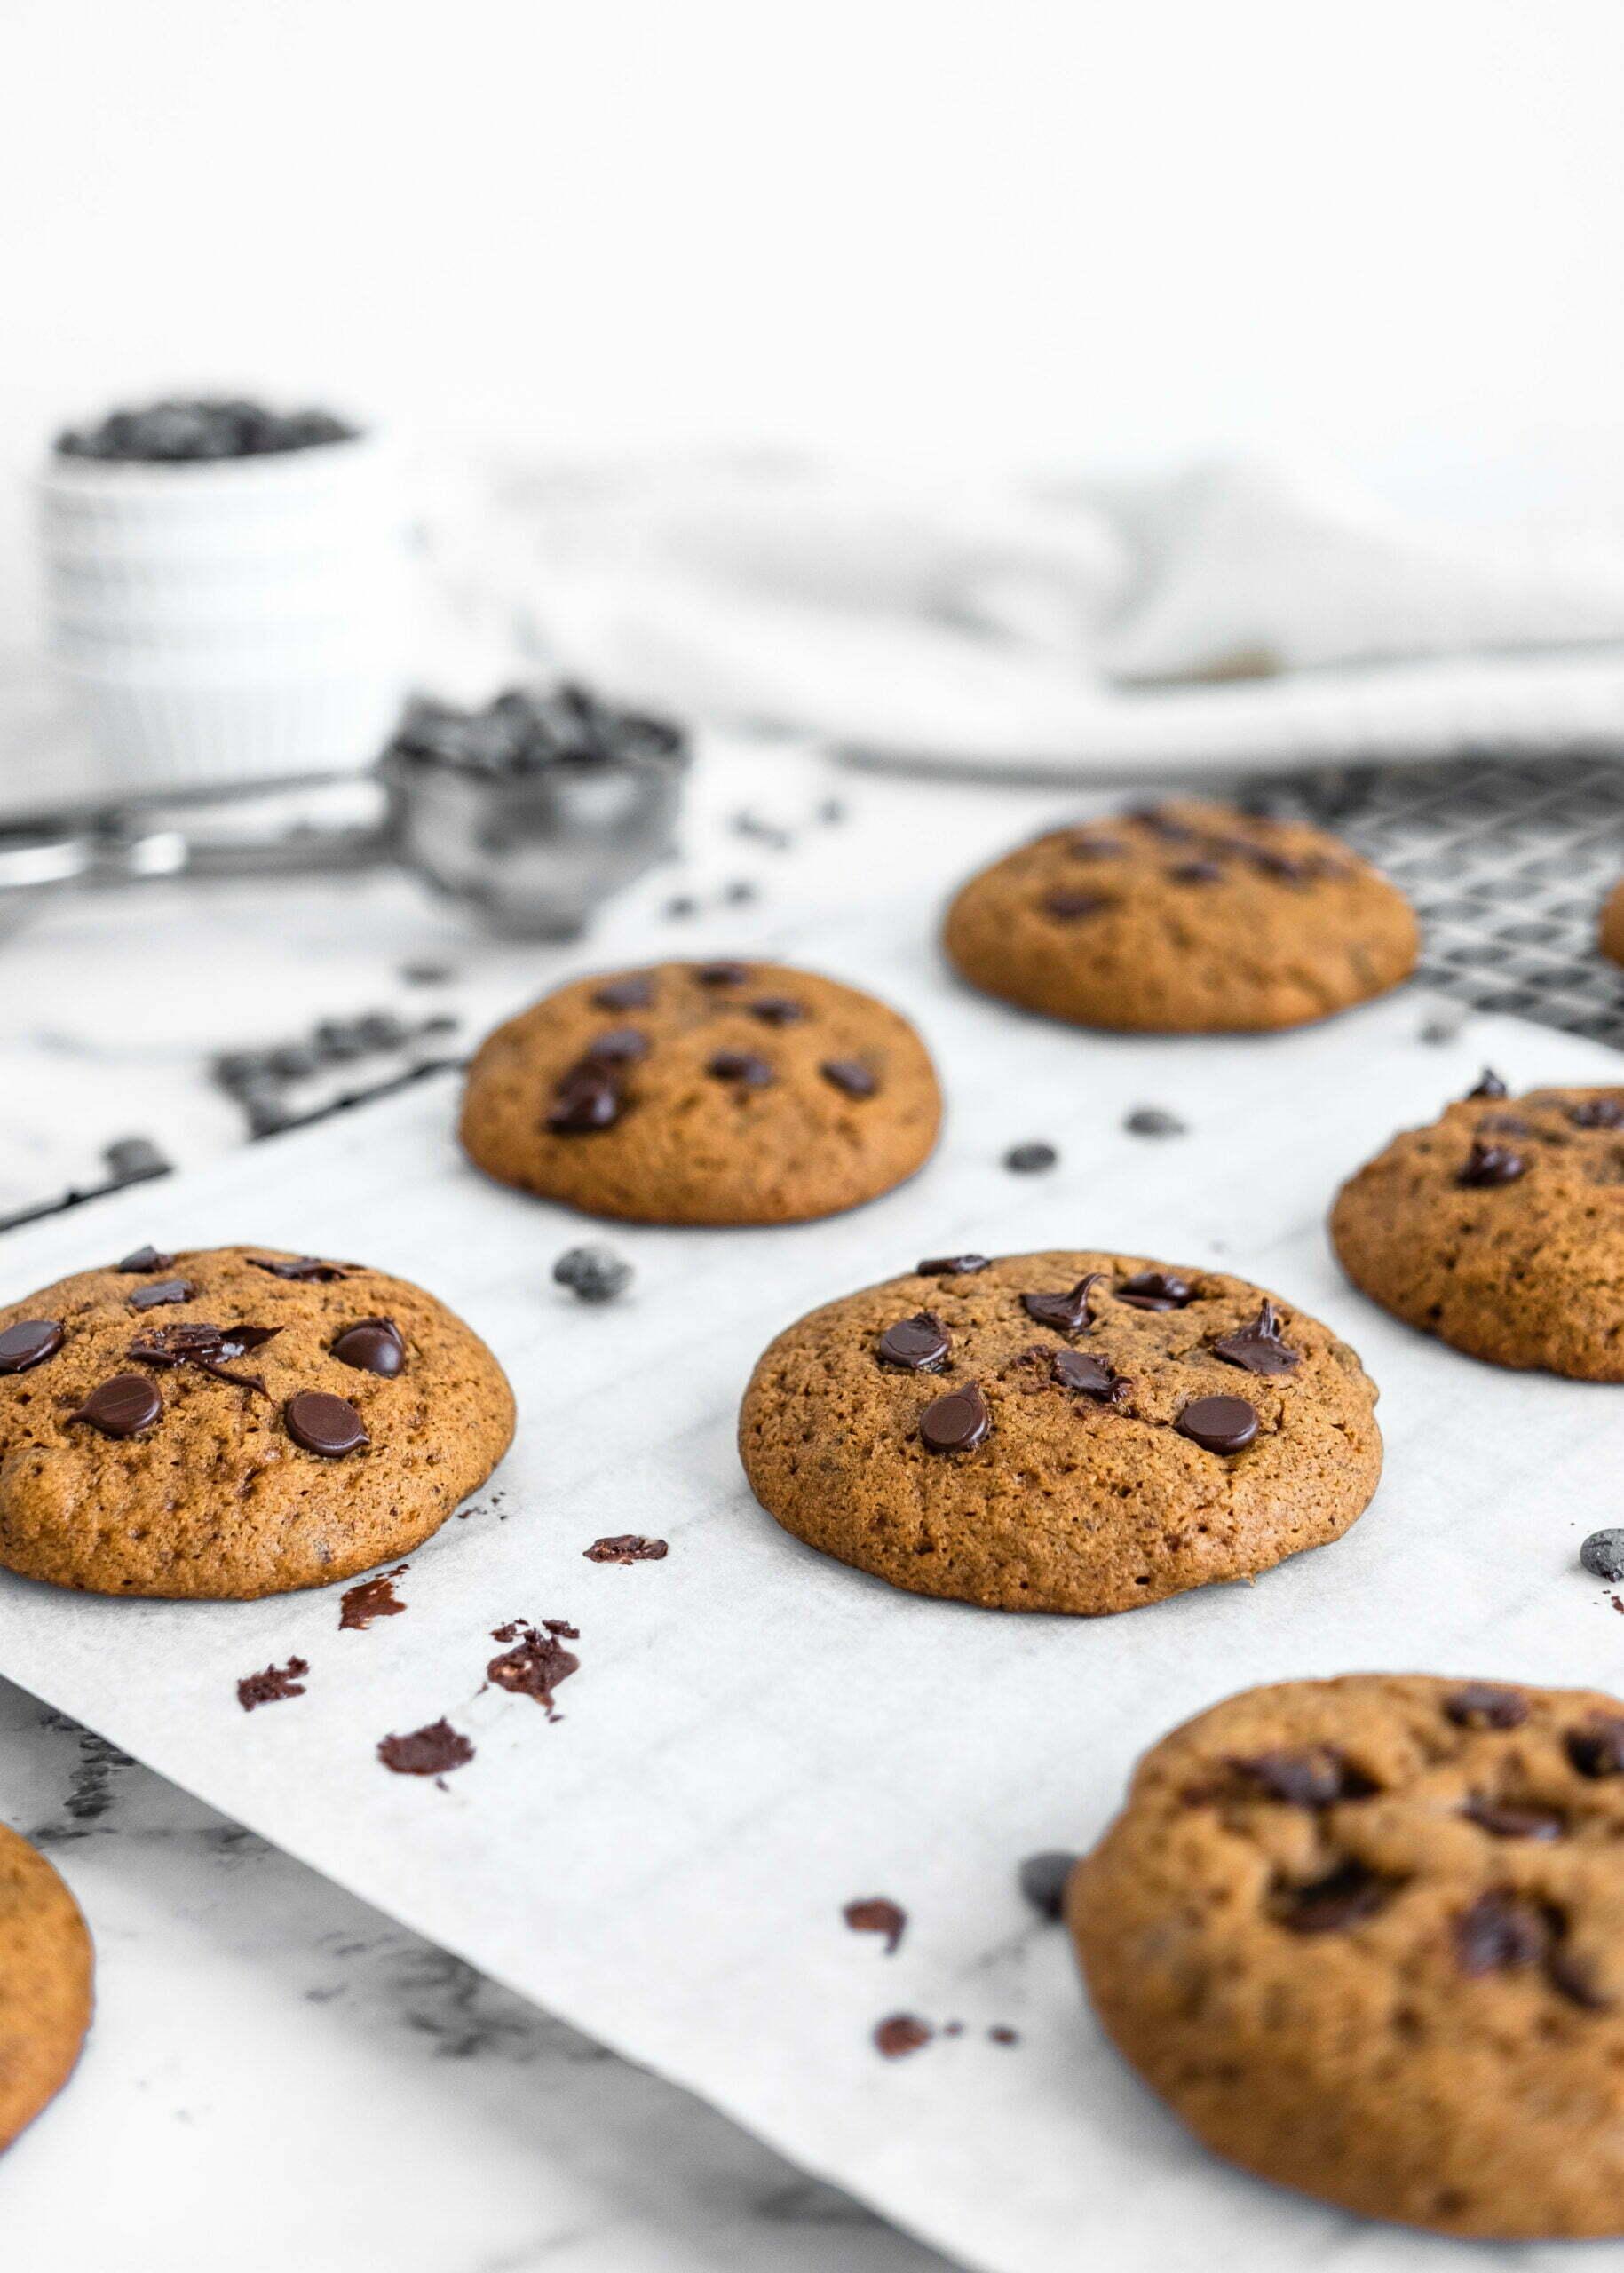 Piškoti s koščki temne čokolade brez dodanega sladkorja